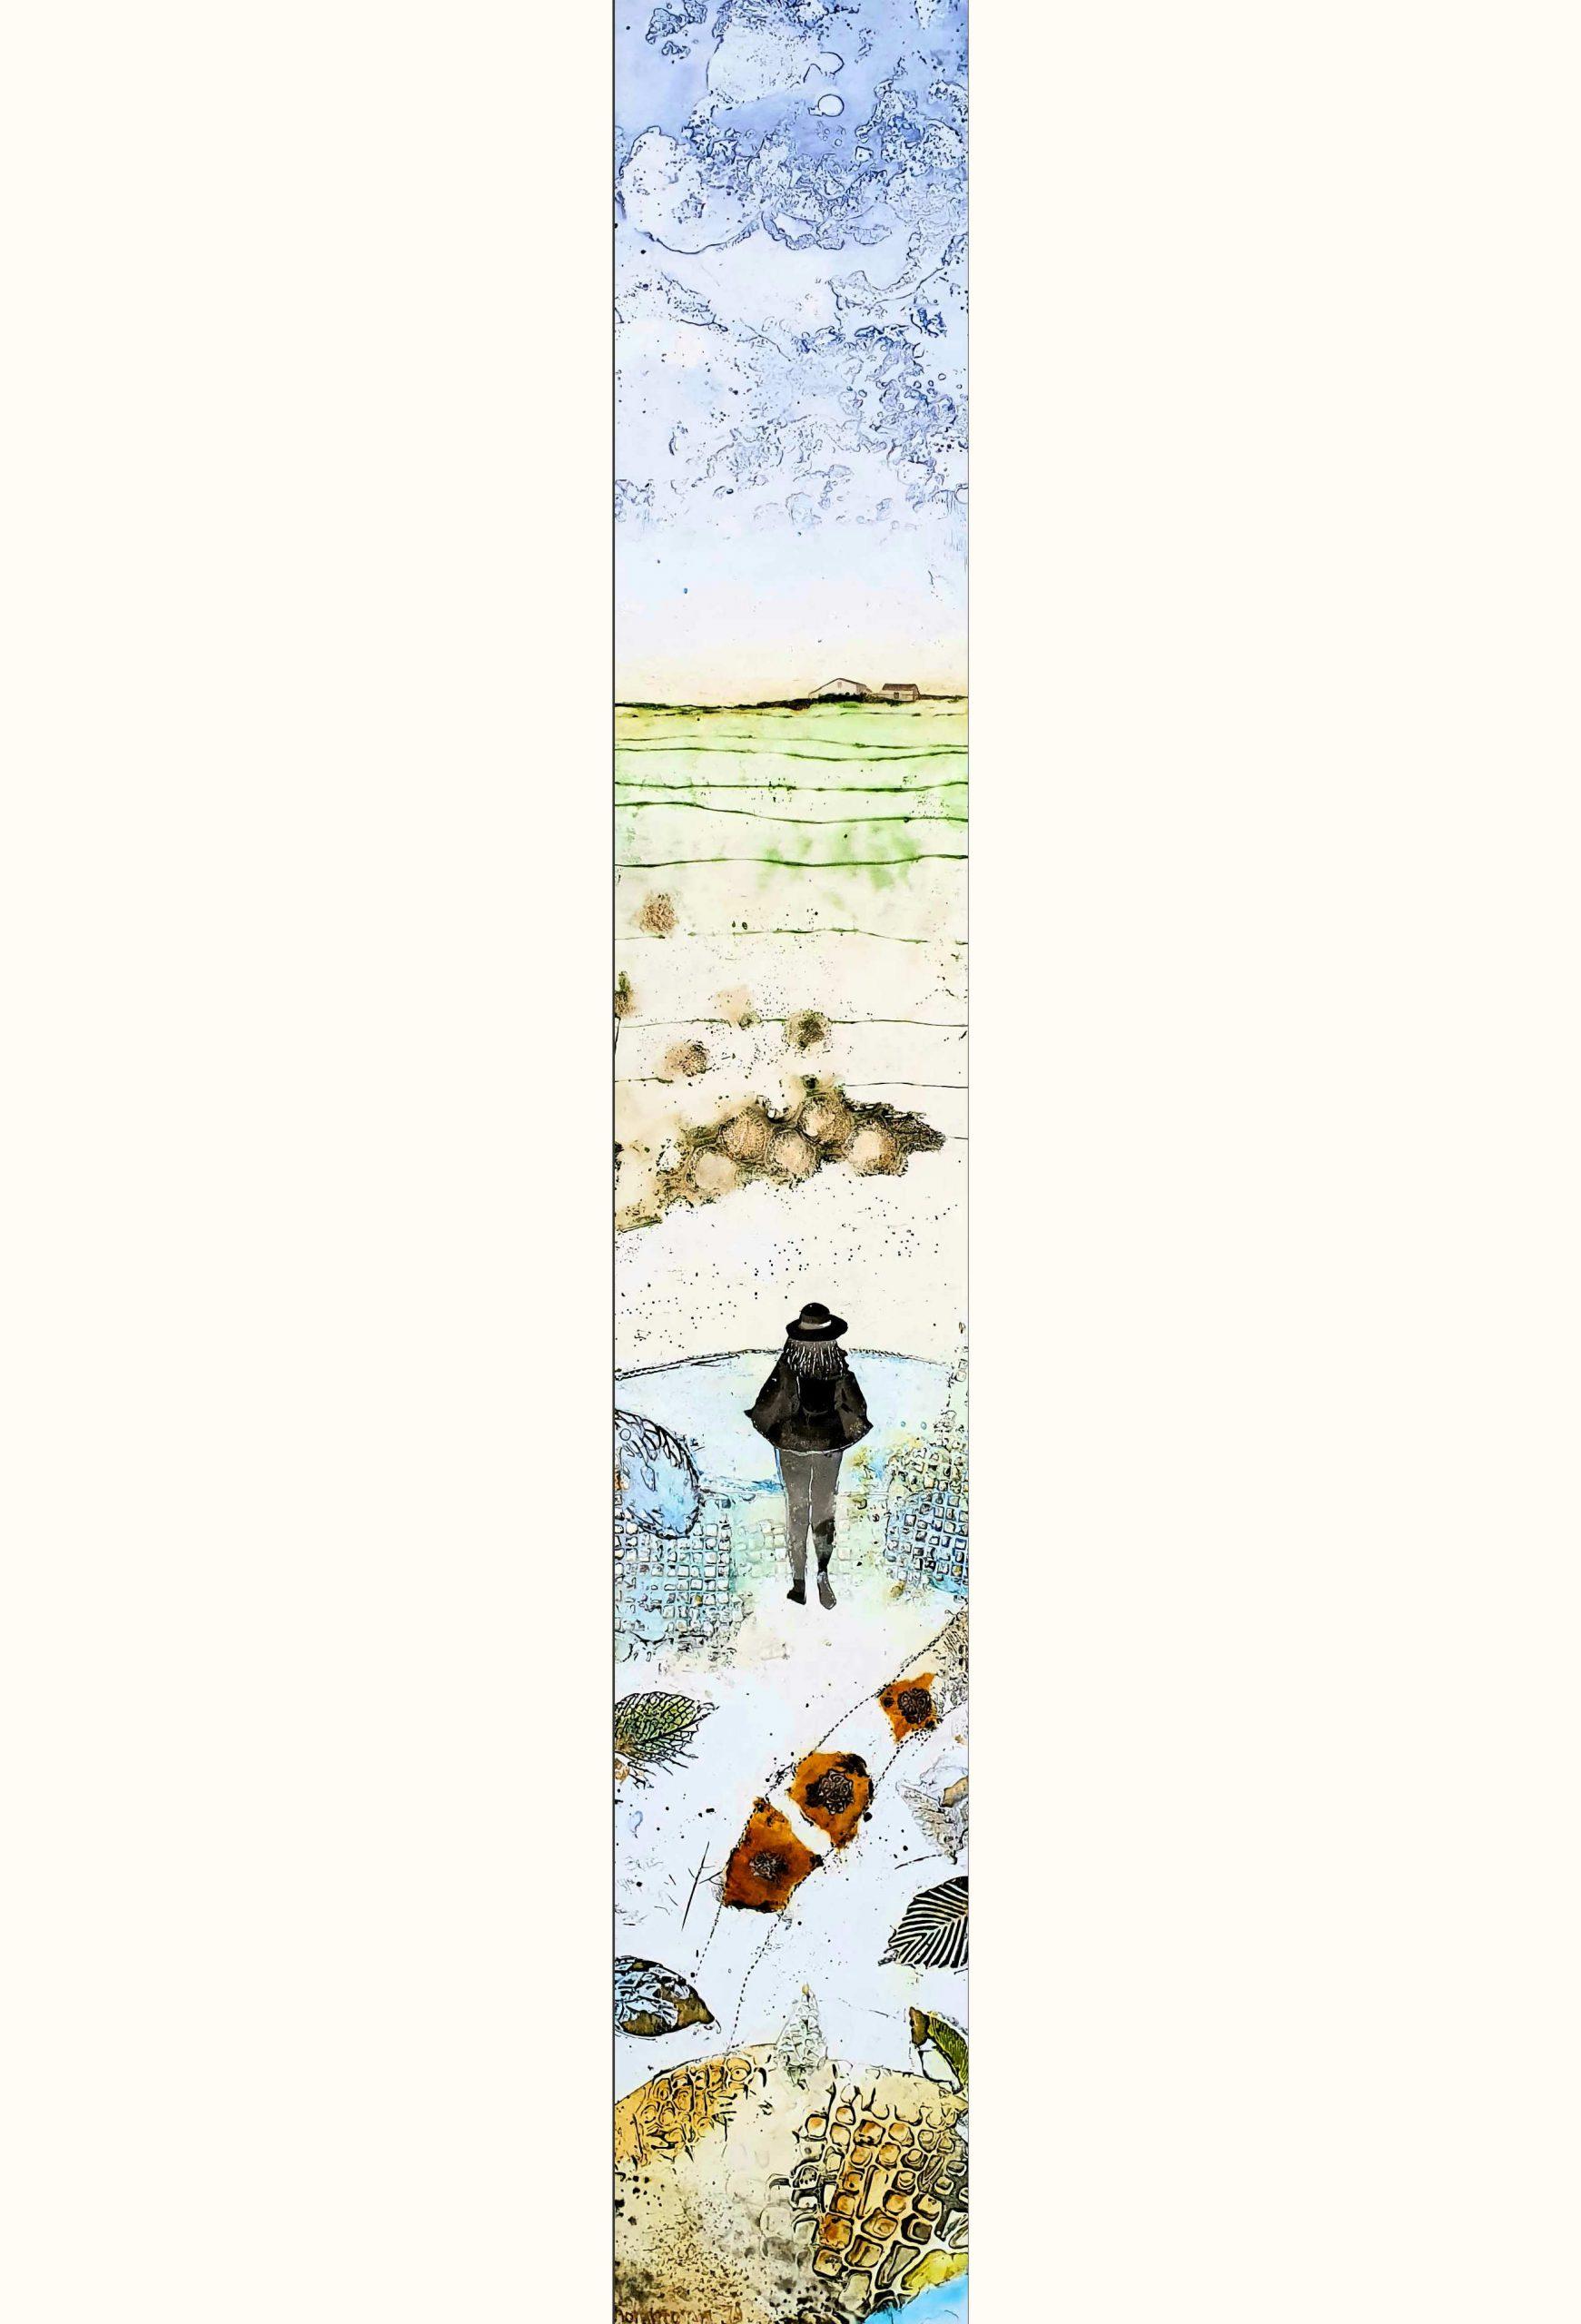 Kunst: Wishing well (thema expositie Draai) van kunstenaar Trijnie Mohlmann